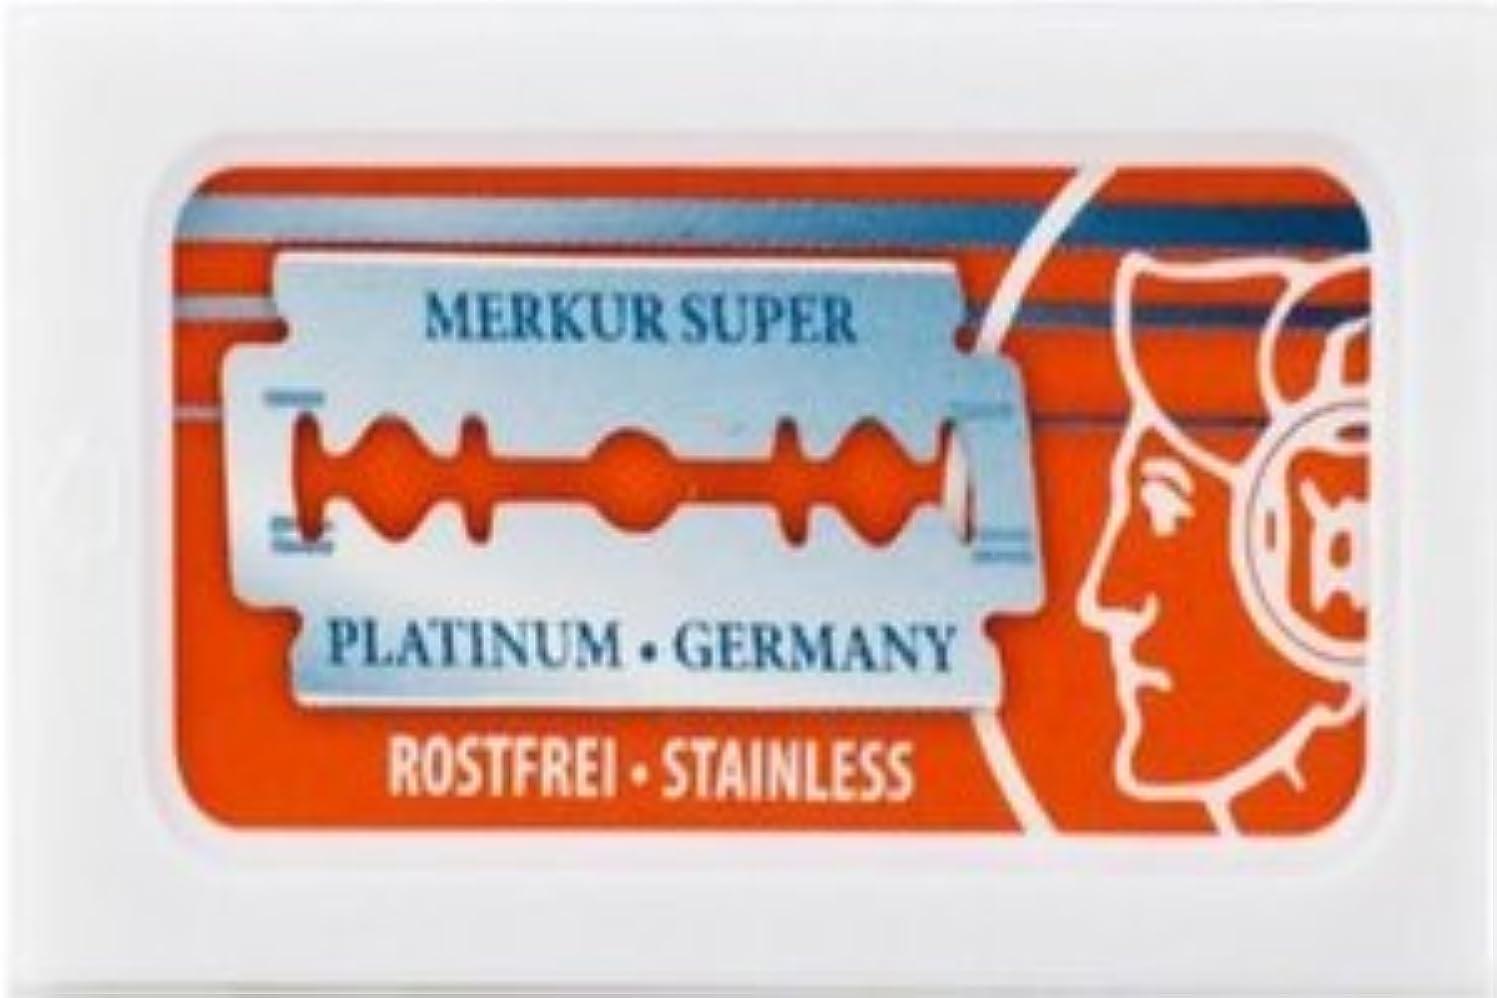 勤勉流産確認してくださいMerkur Super Platinum 両刃替刃 10枚入り(10枚入り1 個セット)【並行輸入品】